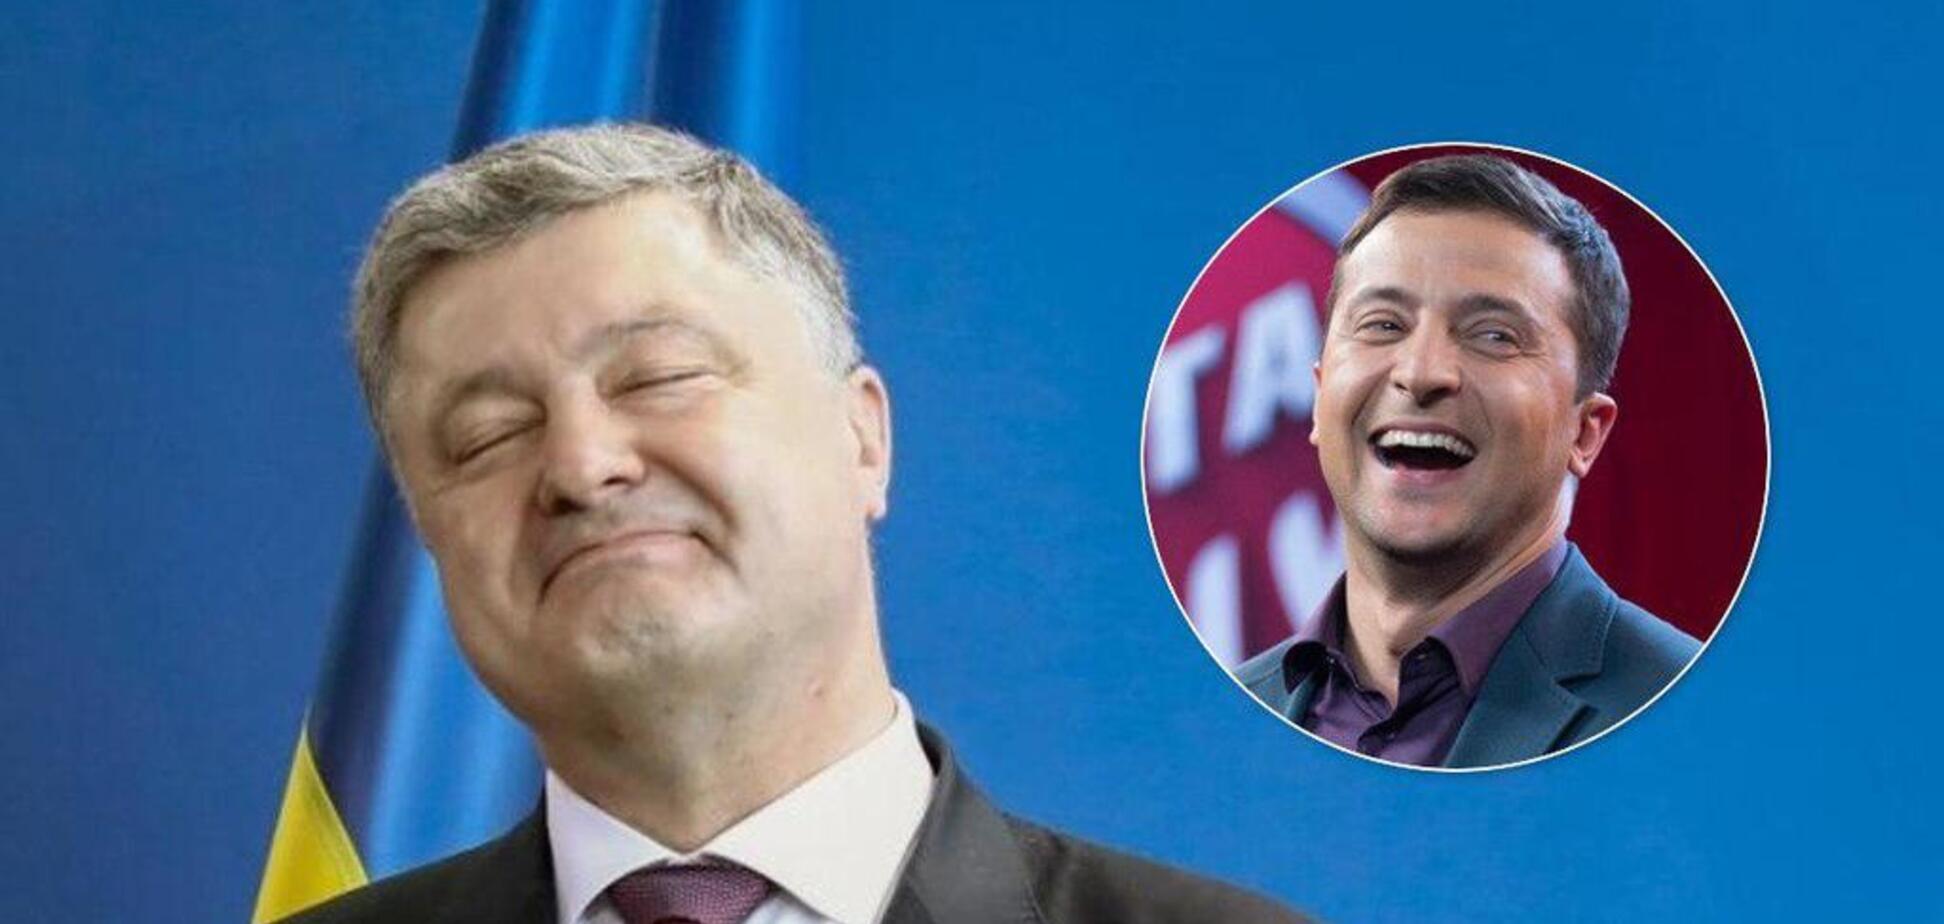 Зеленский vs Порошенко: физиогномист рассказал, о чем говорит мимика кандидатов